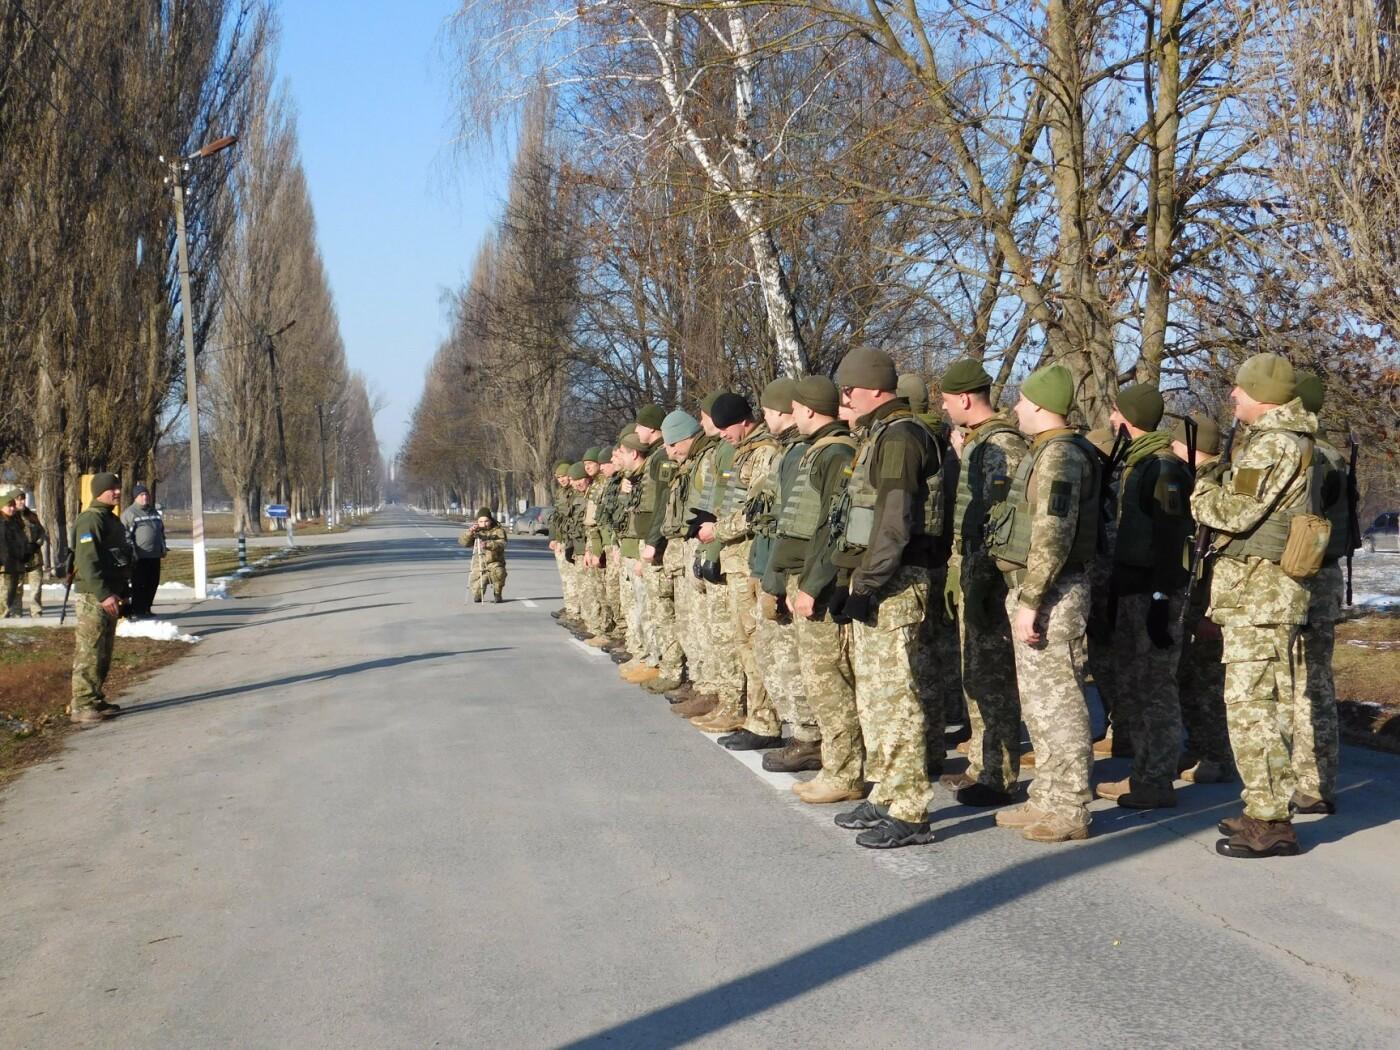 У Кам'янці відбувся 5-кілометровий марш-кидок зі штатною зброєю з нагоди річниці ЗСУ, фото-1, Фото: Центр розмінування